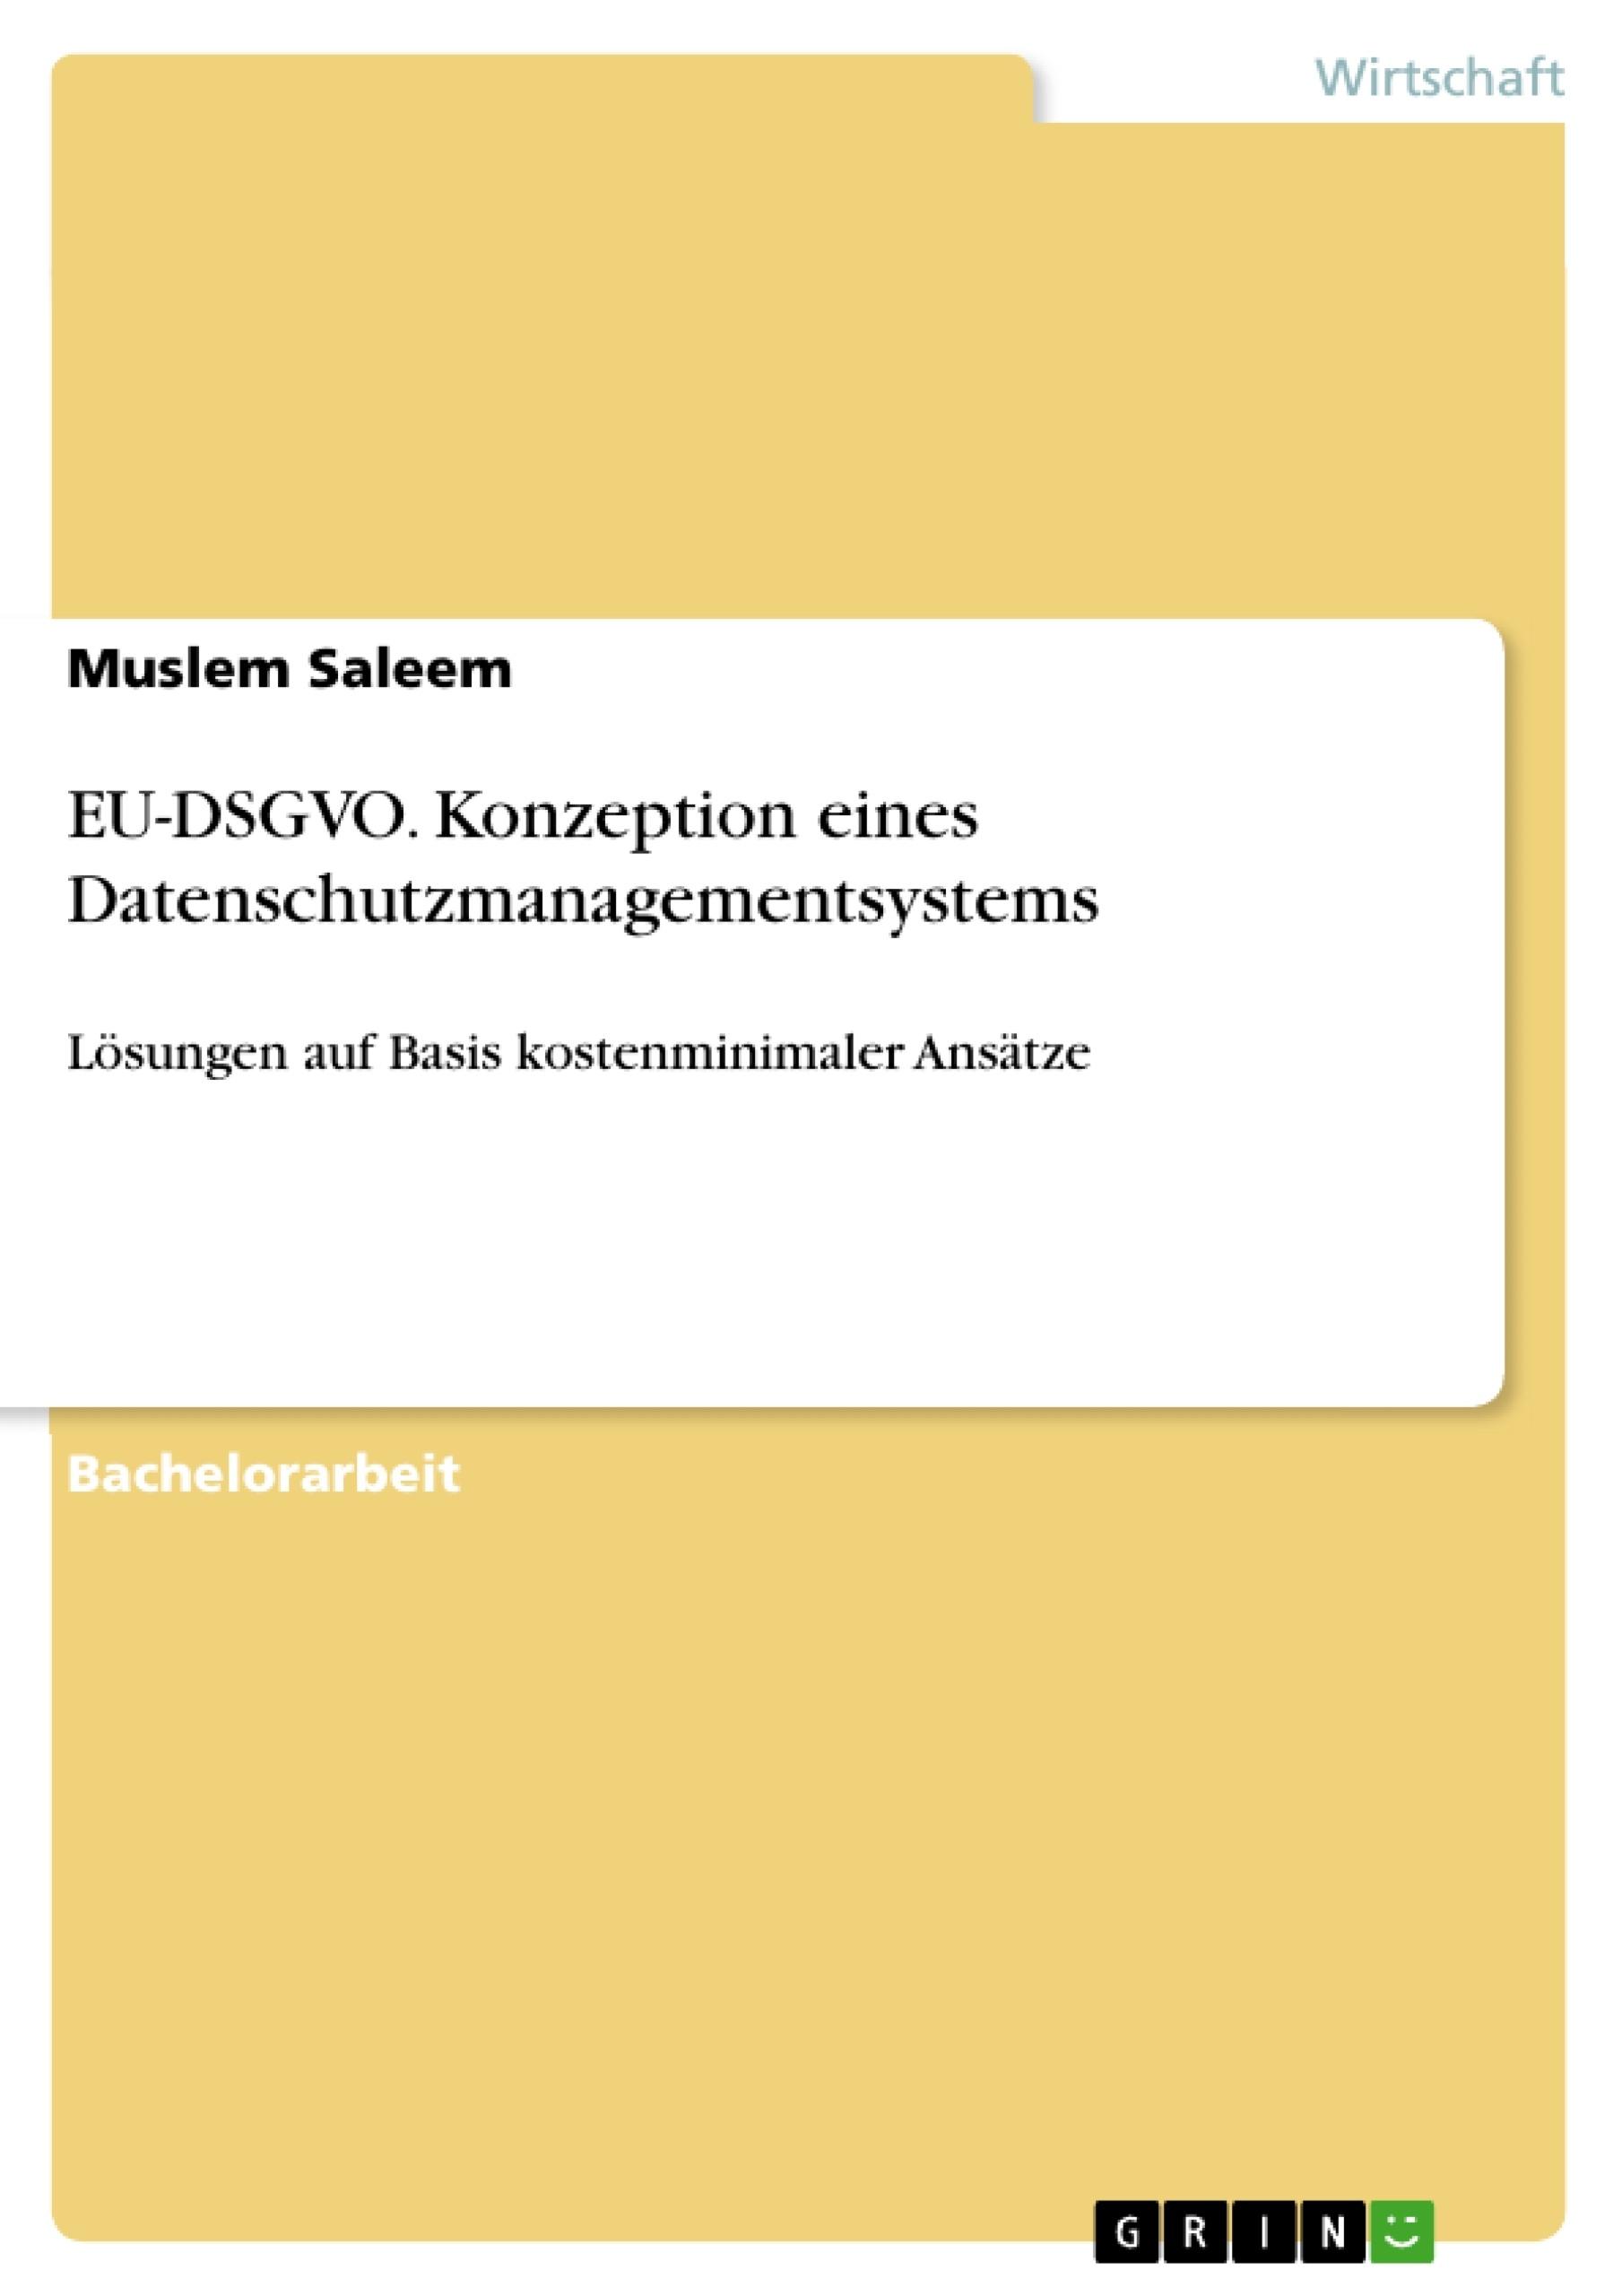 Titel: EU-DSGVO. Konzeption eines Datenschutzmanagementsystems